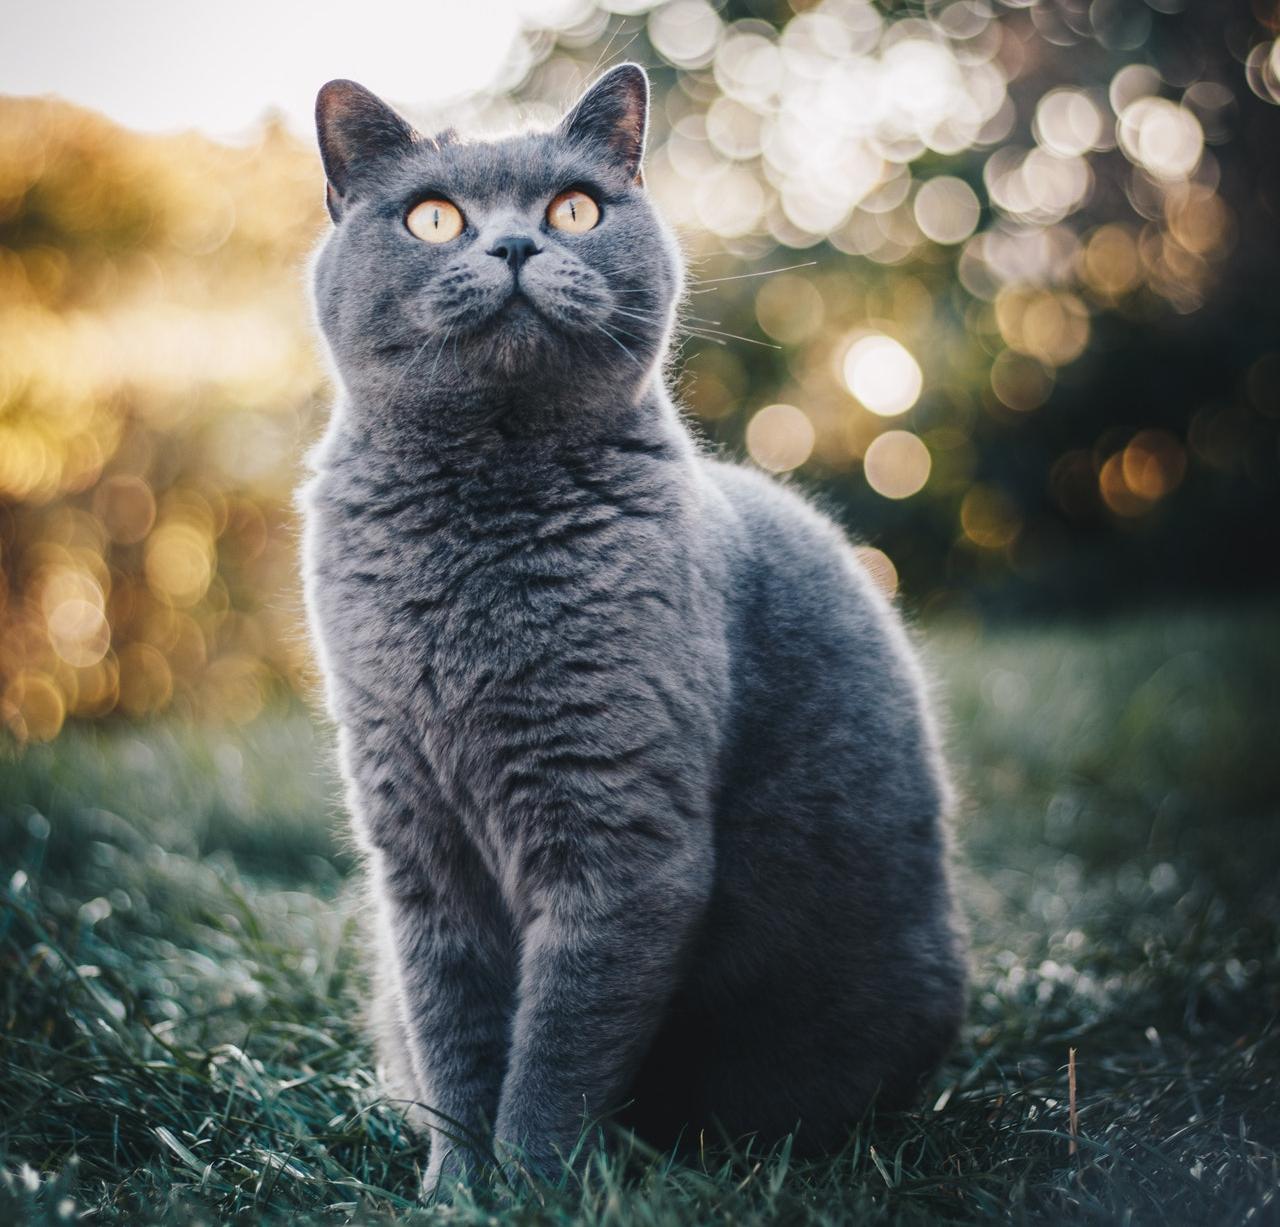 Kot brytyjski - Ciekawe fakty o tej rasie kotów (charakter i wygląd)